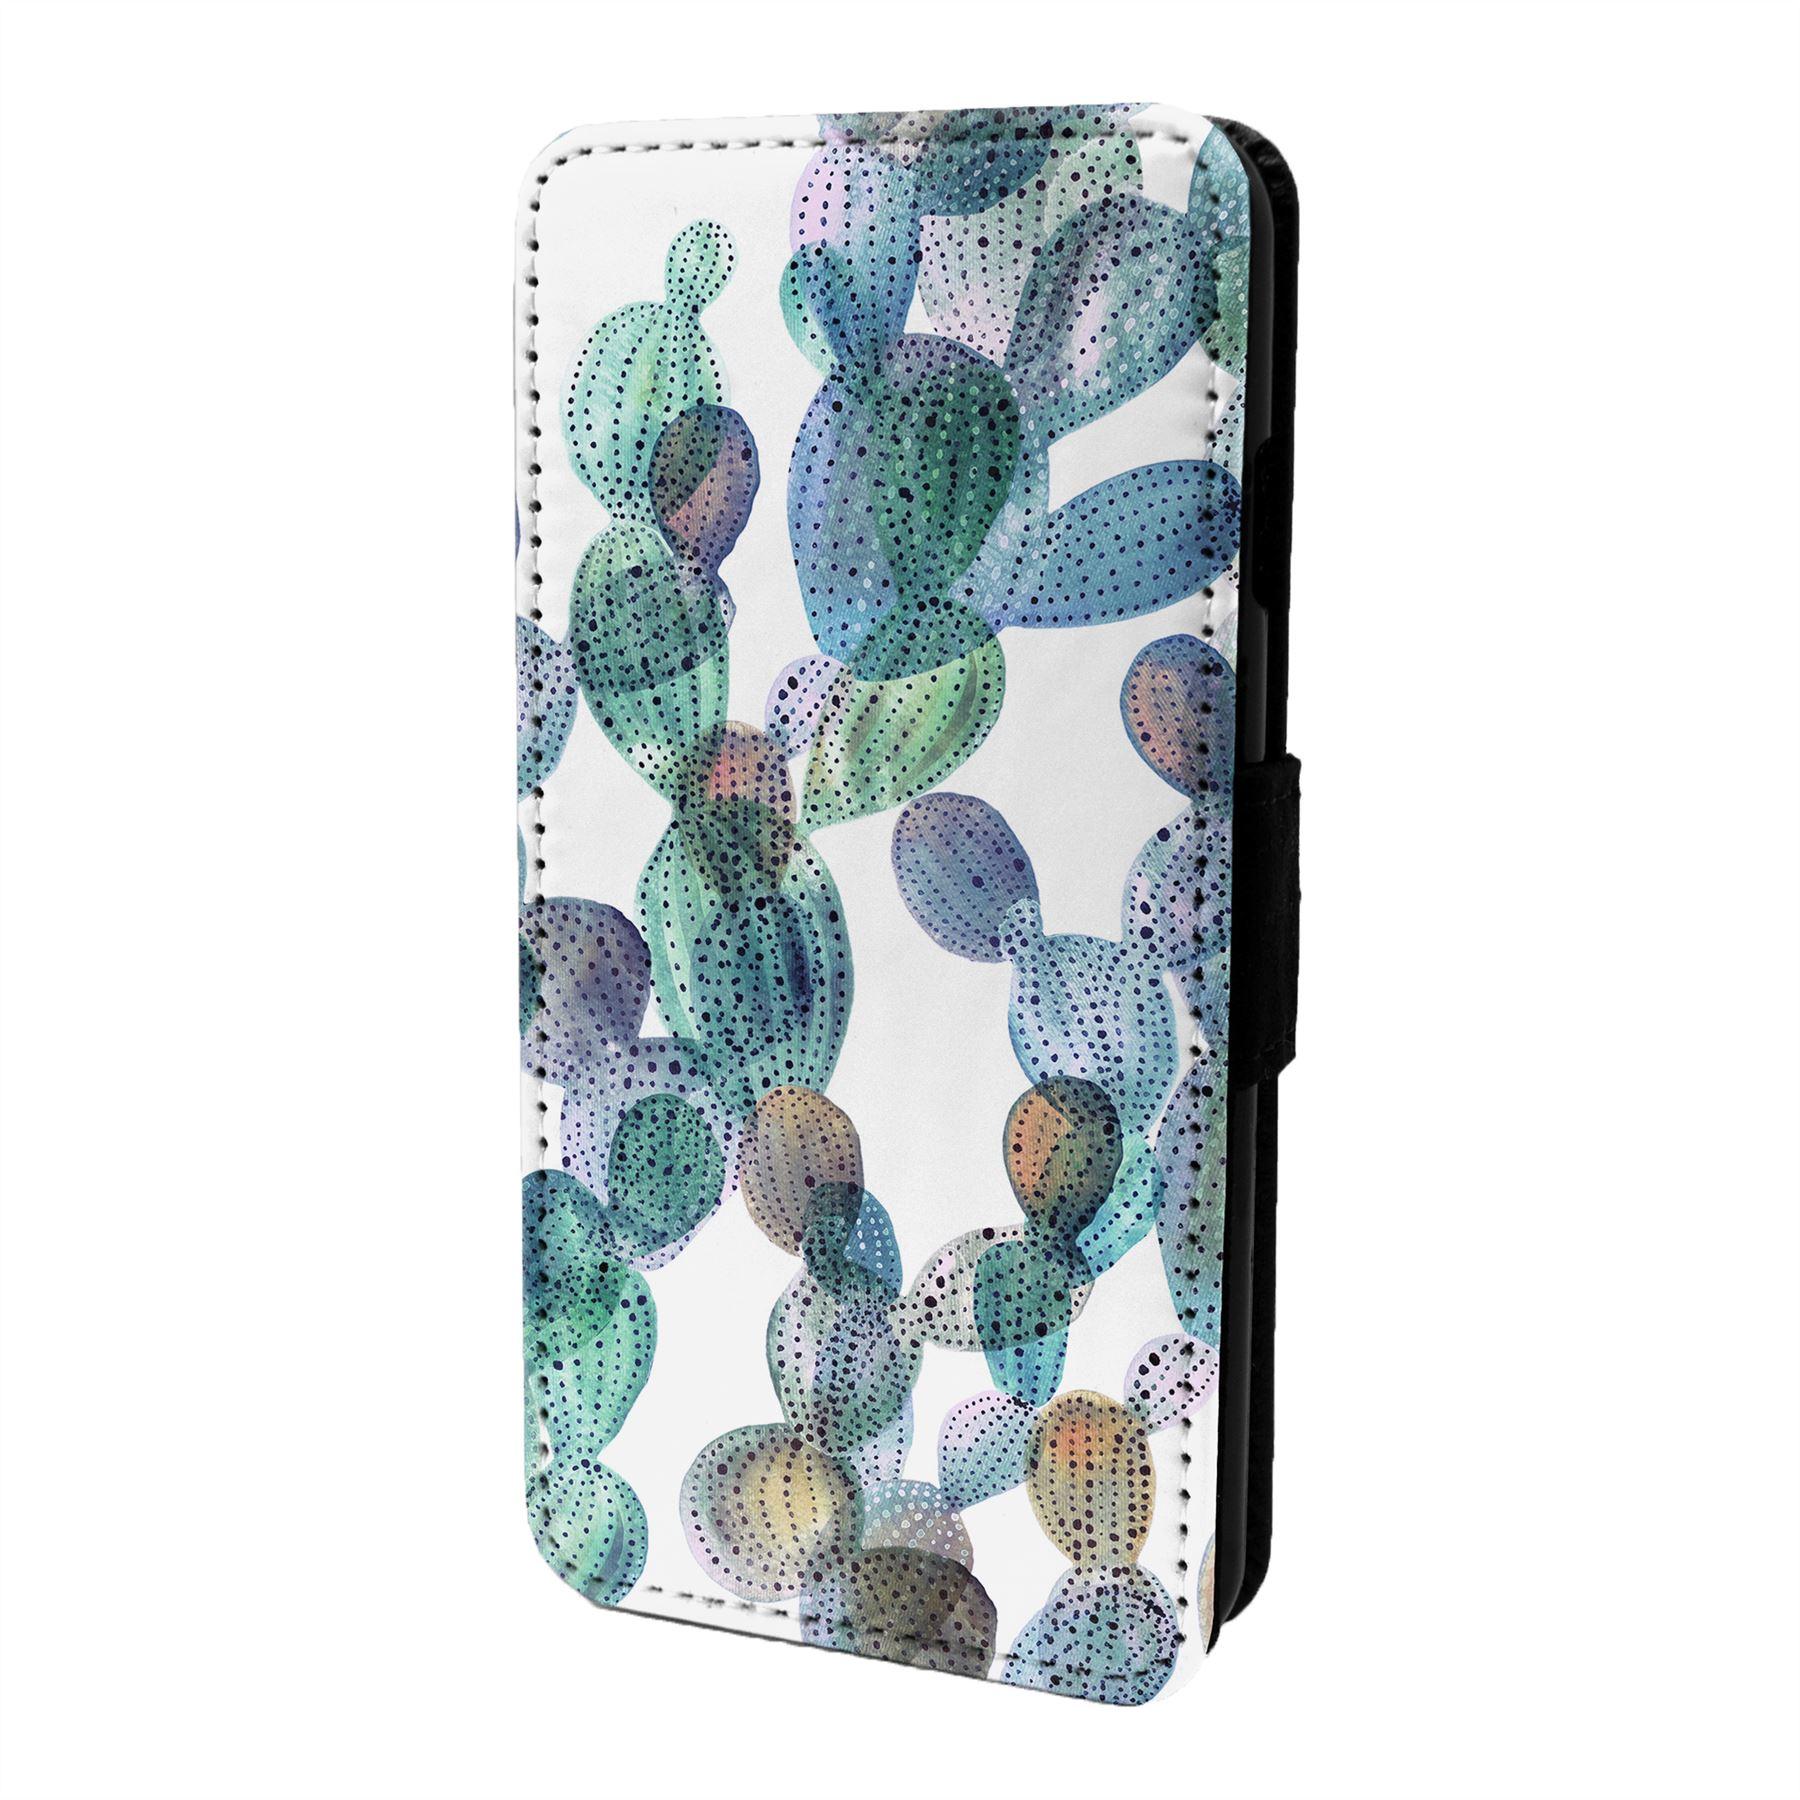 Cactus-Estampado-Funda-Libro-para-Telefono-Movil-S6612